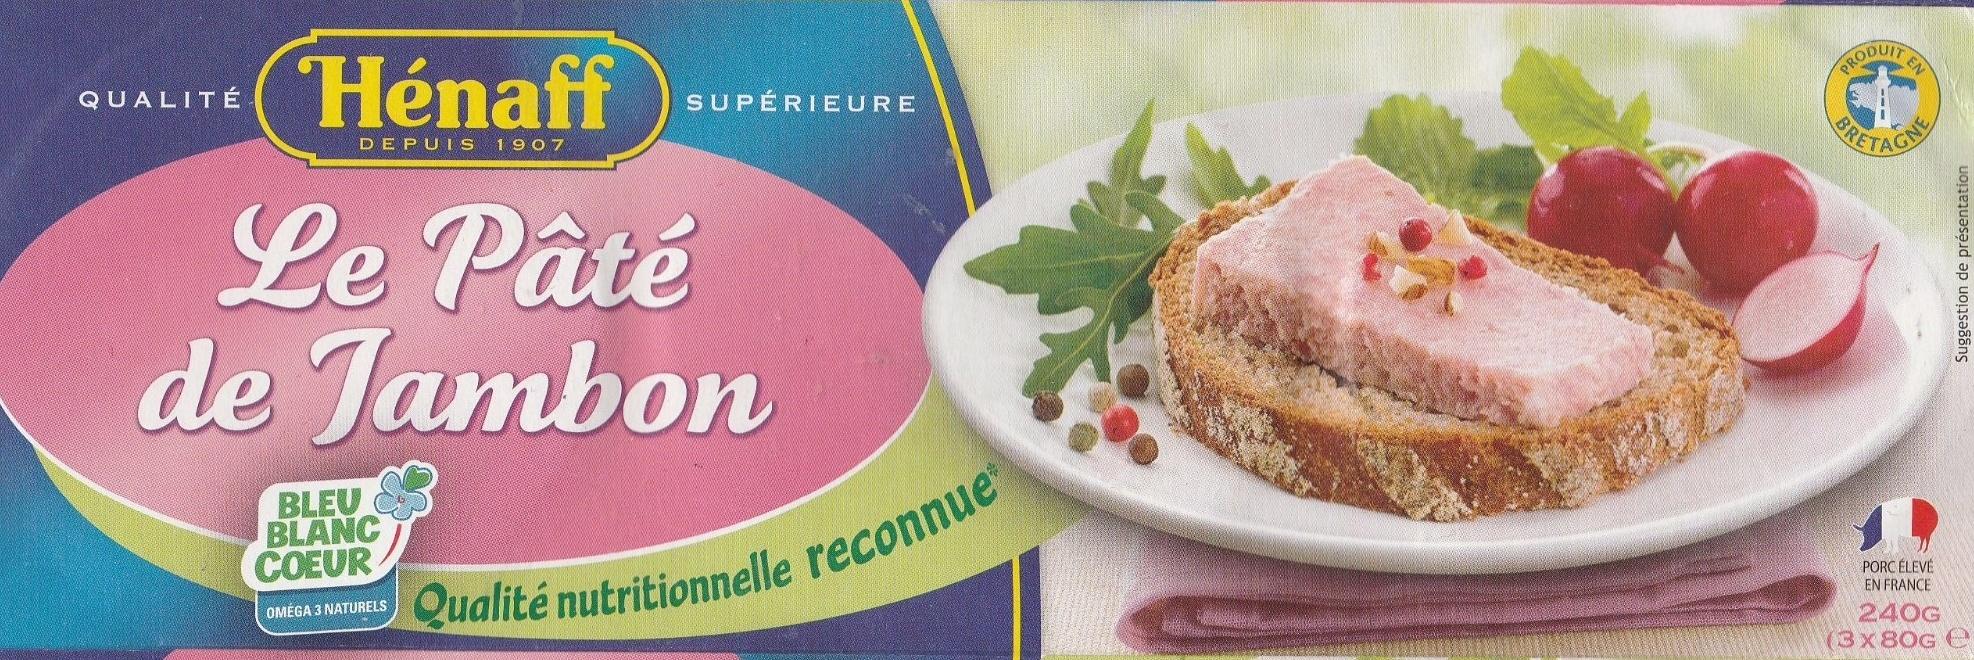 Le pâté de jambon - Produit - fr